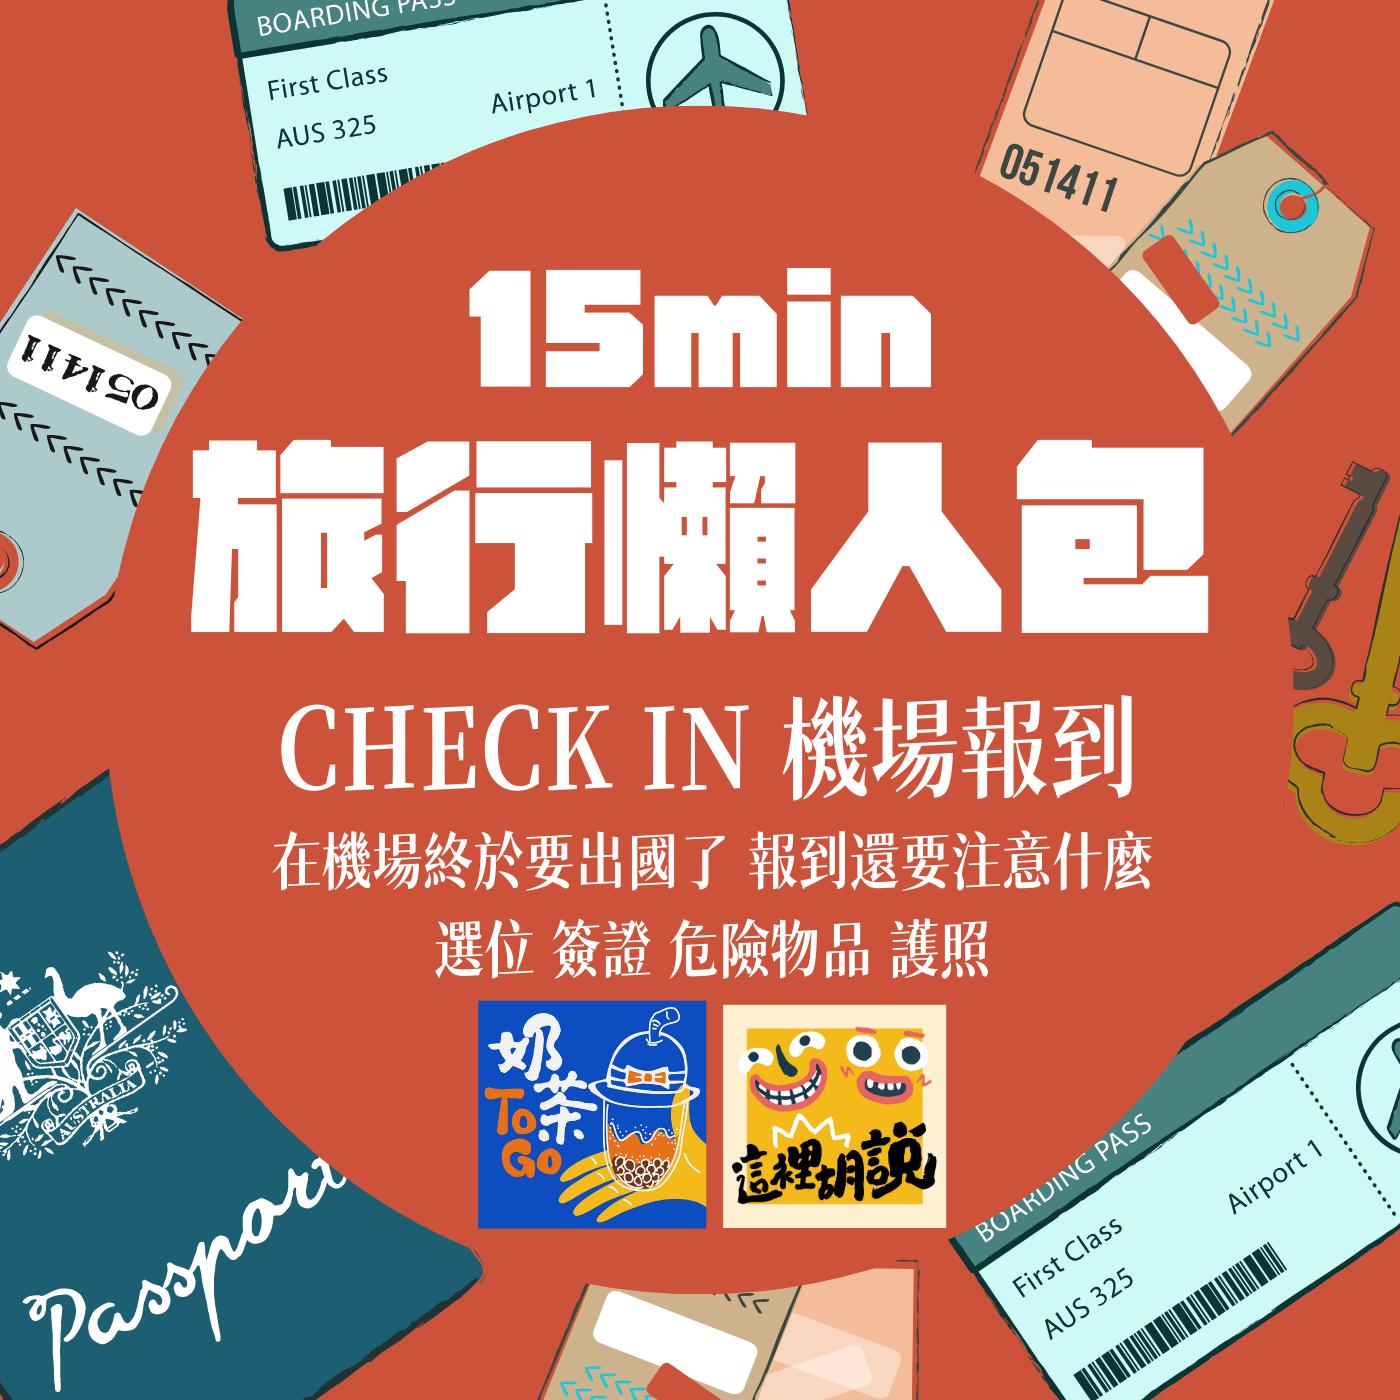 [旅行懶人包 11]  CHECK IN 機場報到 終於可以出國了 但報到還需要注意什麼細節  選位 簽證 危險物品 護照